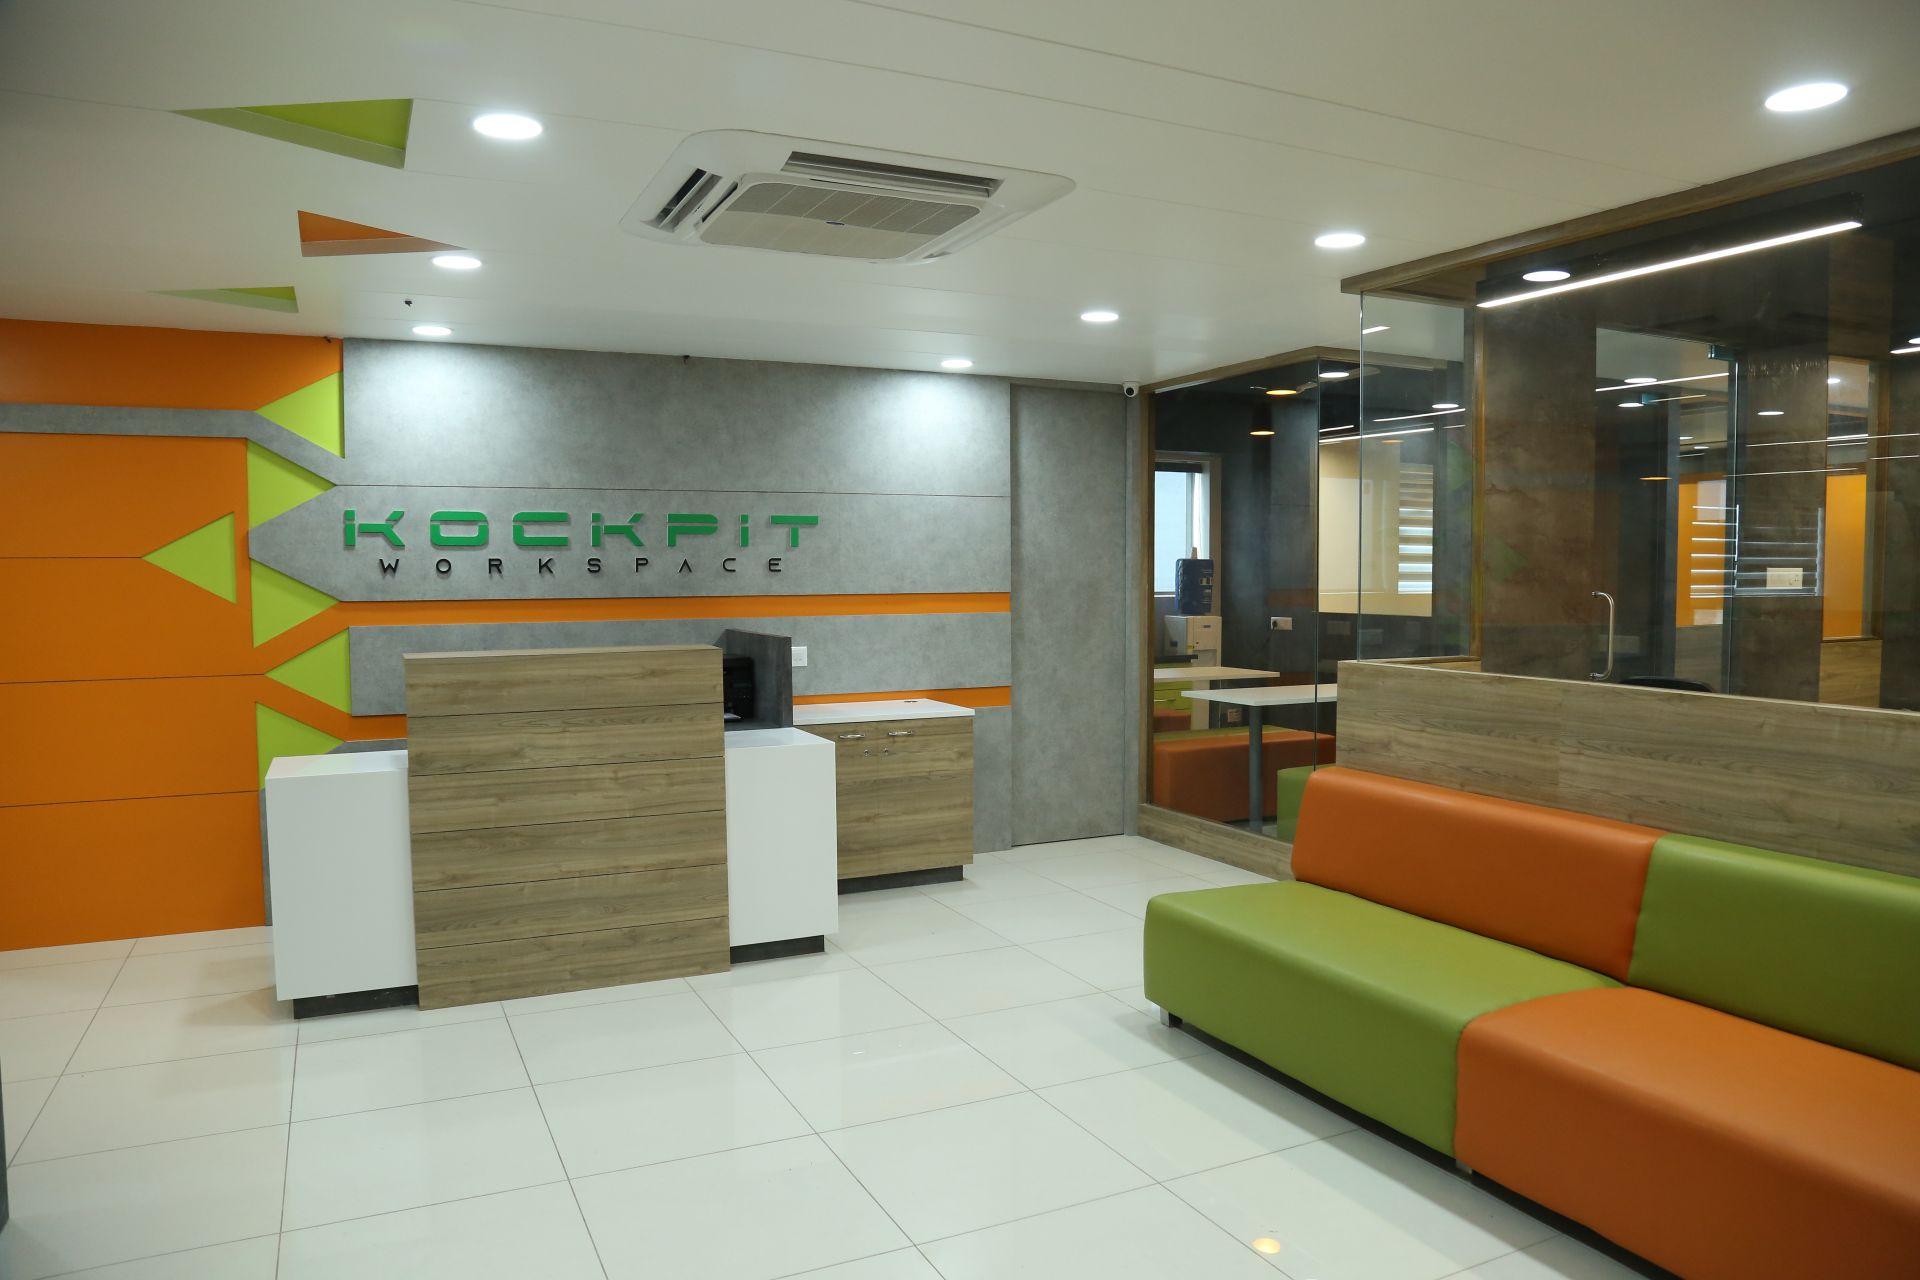 Kockpit Workspace, Ahmedabad